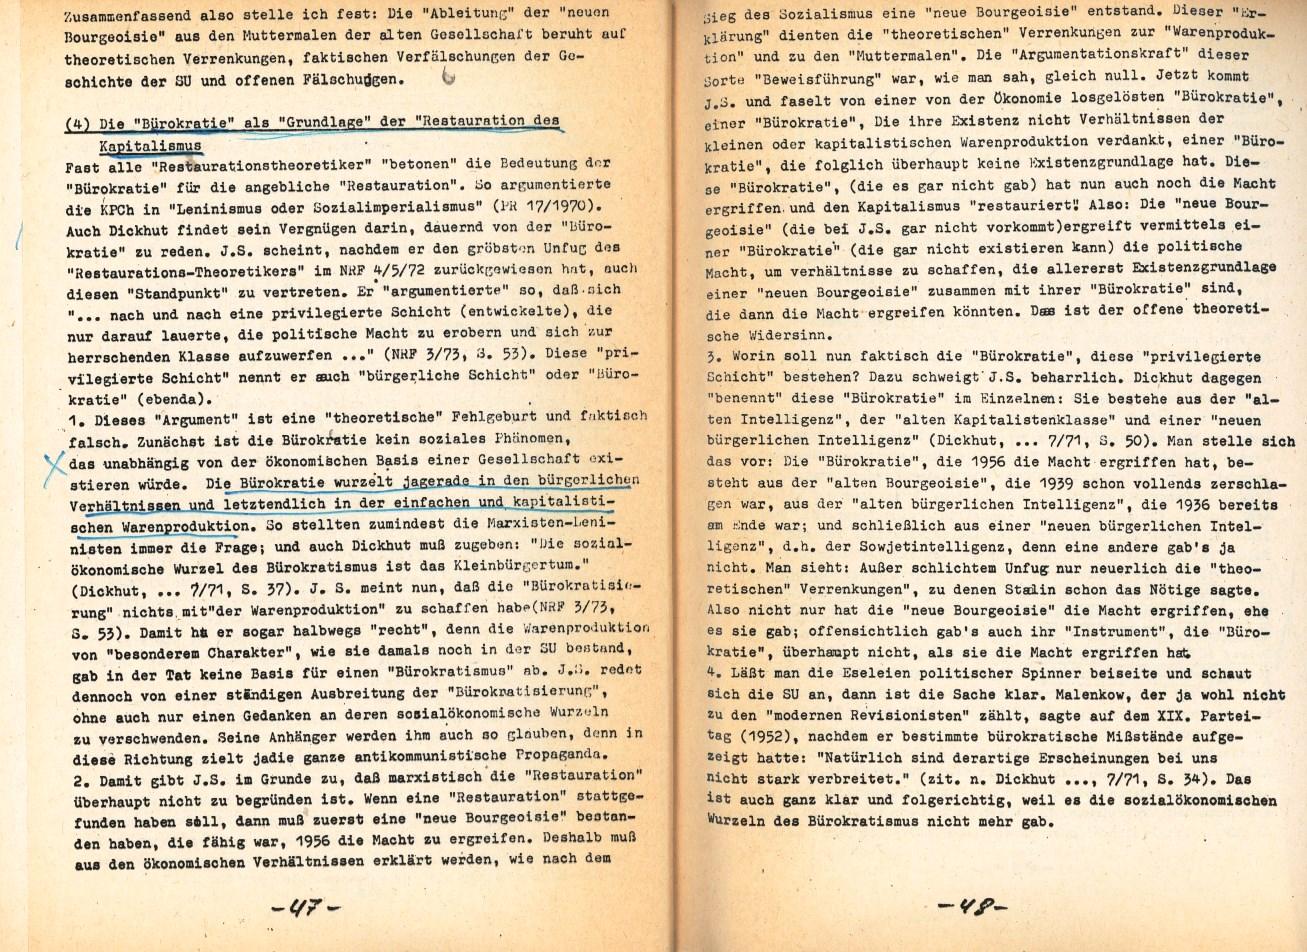 Giessen_MSB_1976_Der_KBW_eine_rechte_Organisation_26